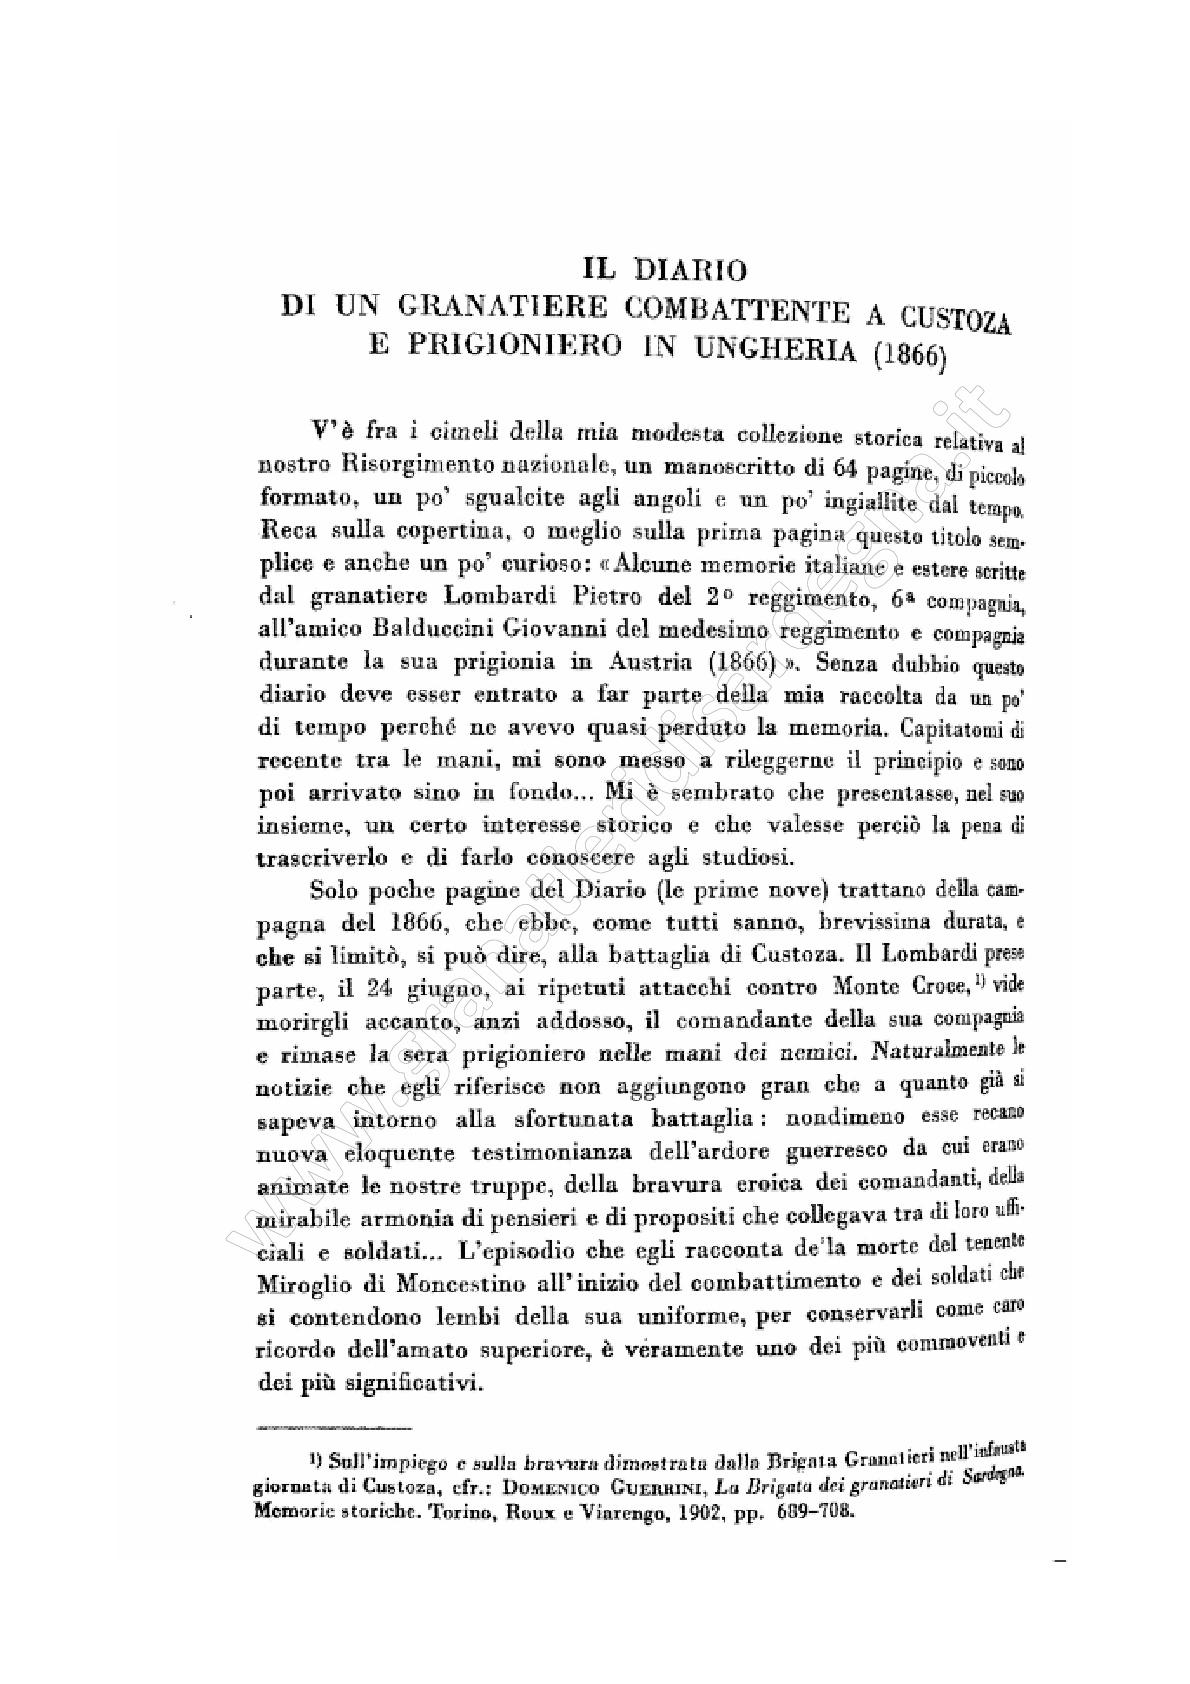 Il diario di un combattente a Custoza e prigioniero in Ungheria (1866)